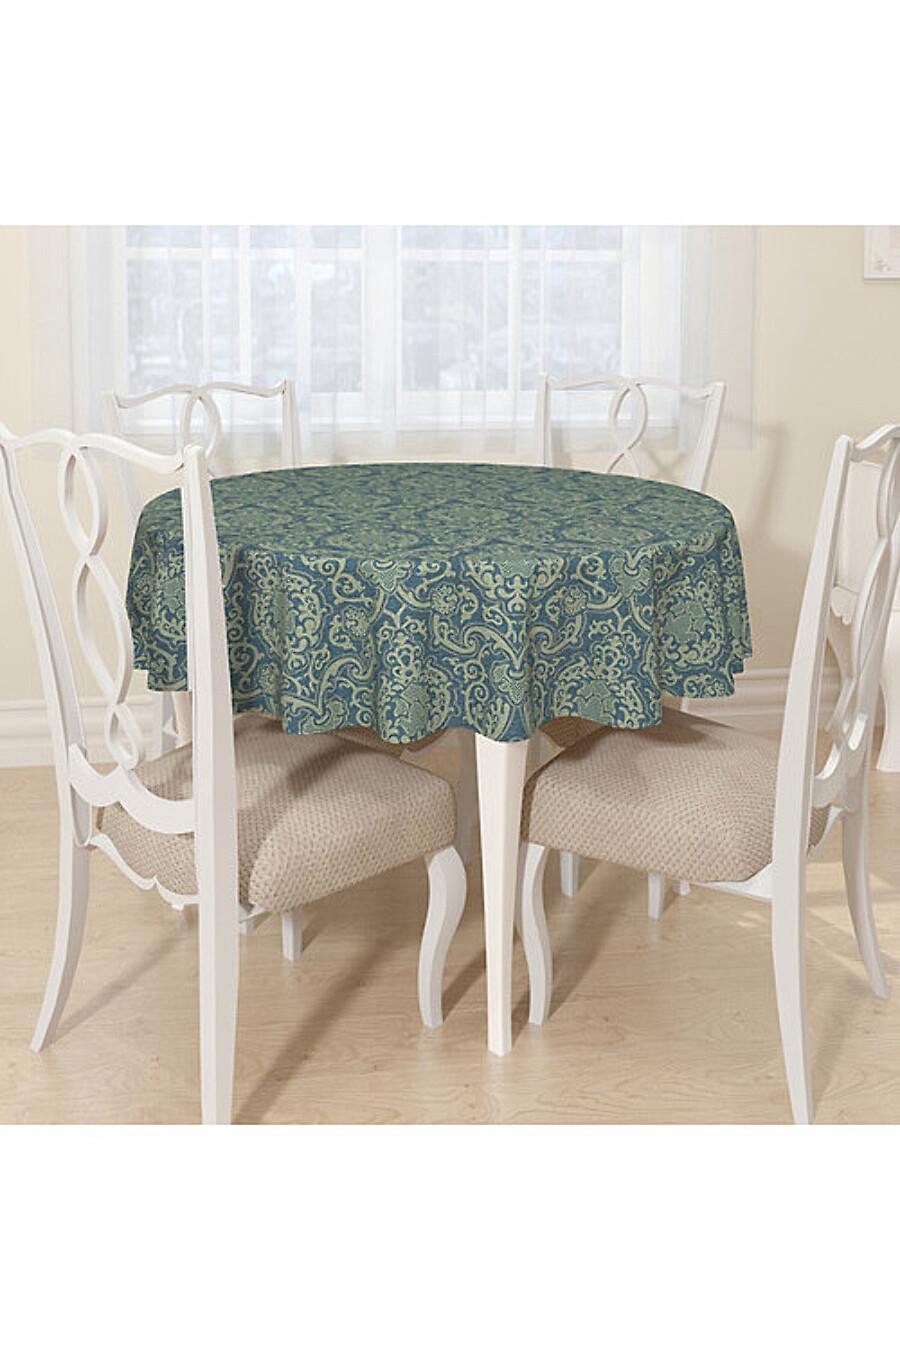 Скатерть для дома ART HOME TEXTILE 180335 купить оптом от производителя. Совместная покупка товаров для дома в OptMoyo